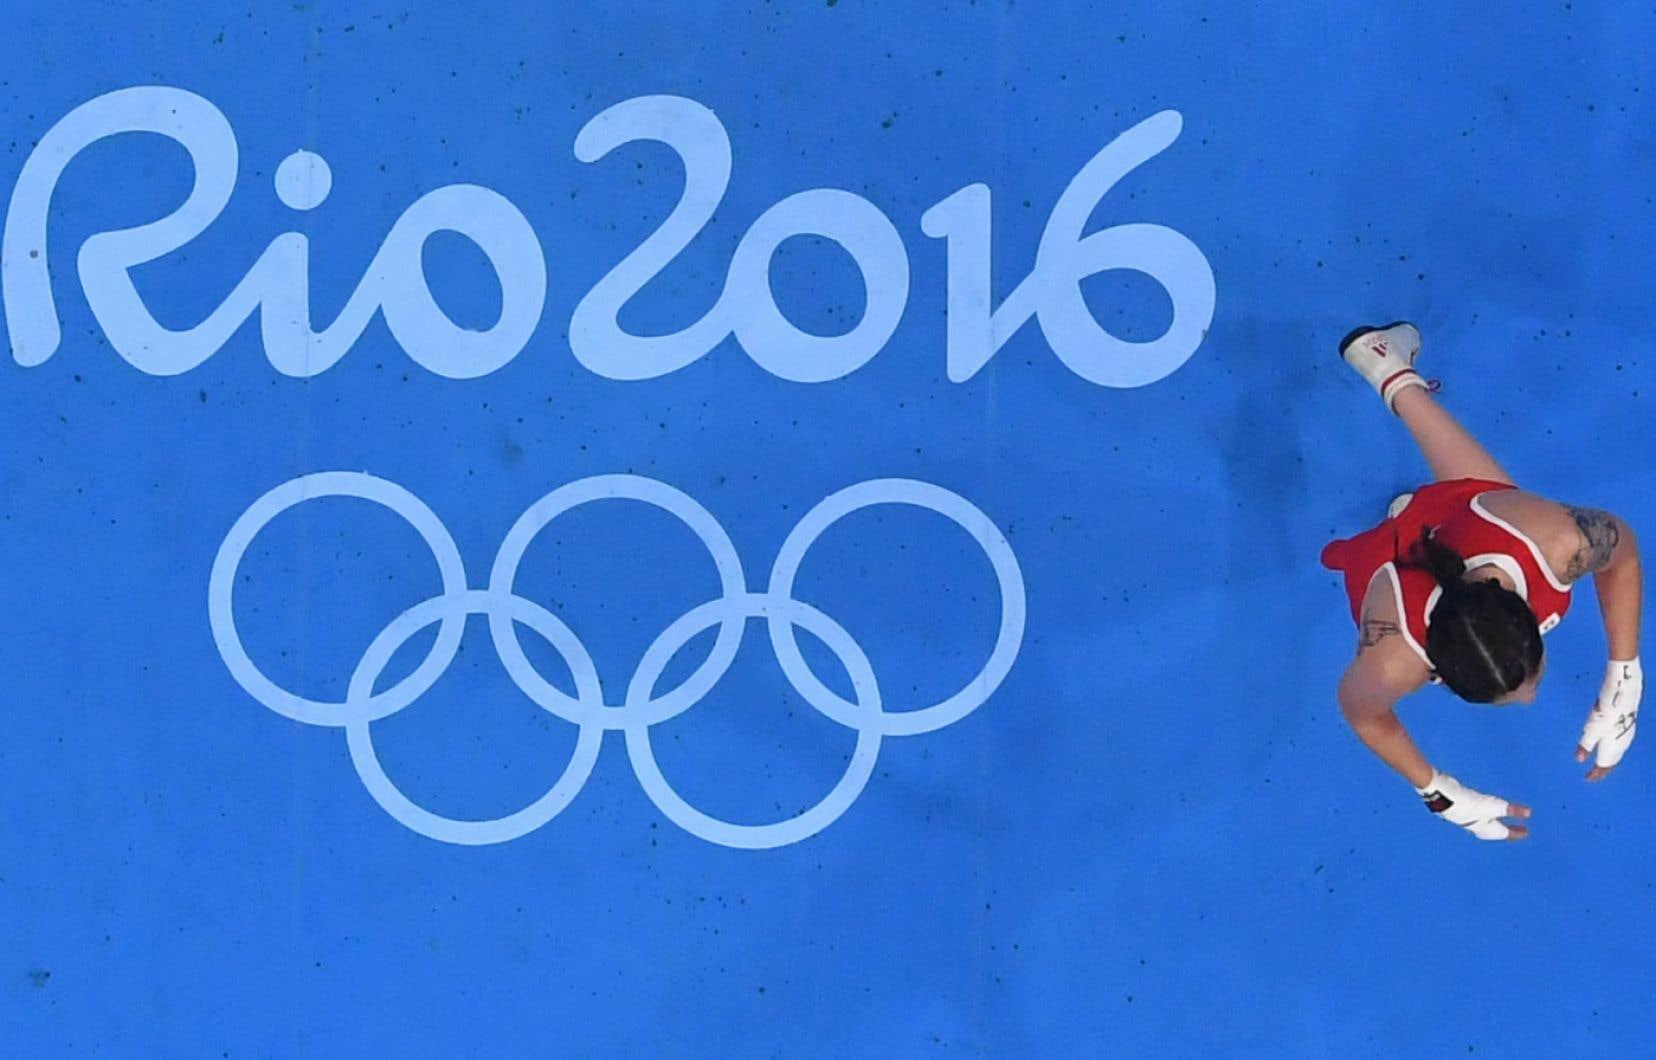 La perspective de ne pas voir de boxeurs aux JO 2020 effraie de nombreux acteurs de ce sport olympique historique.